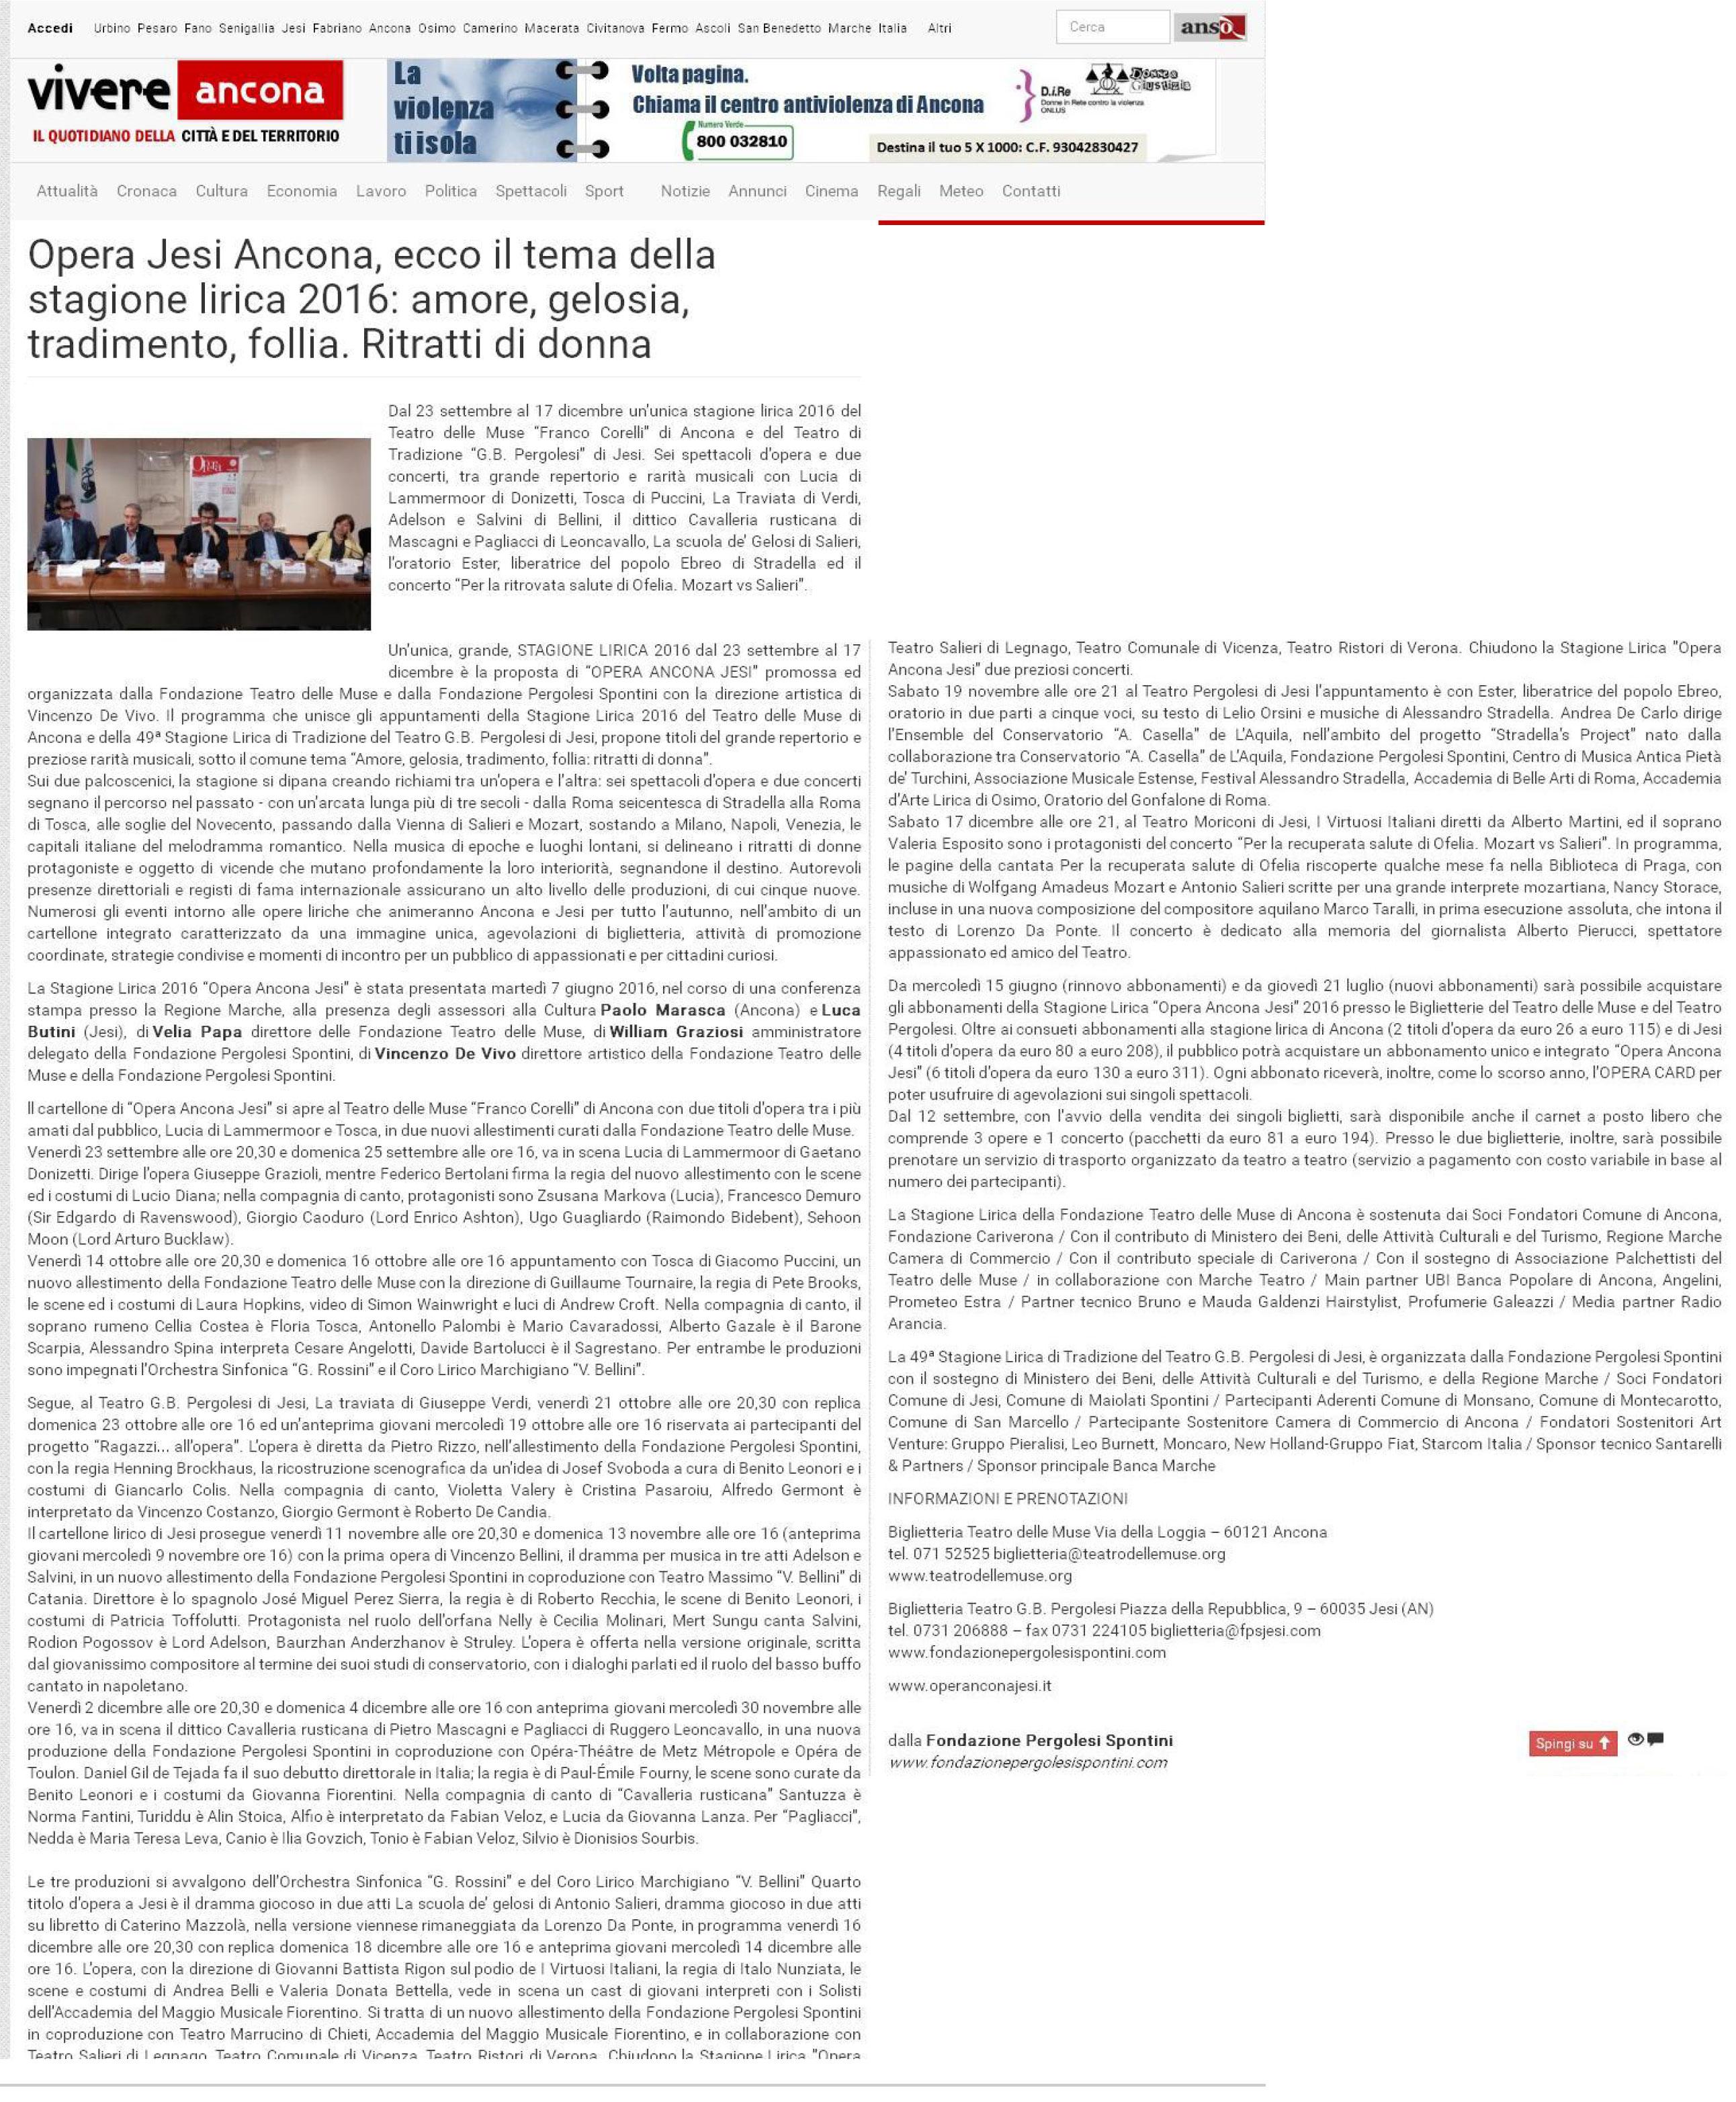 2016_06_08_-Opera-Jesi-Ancona,ecco-il-tema-della-stagione-lirica-2016-amore,gelosia,tradimento,follia